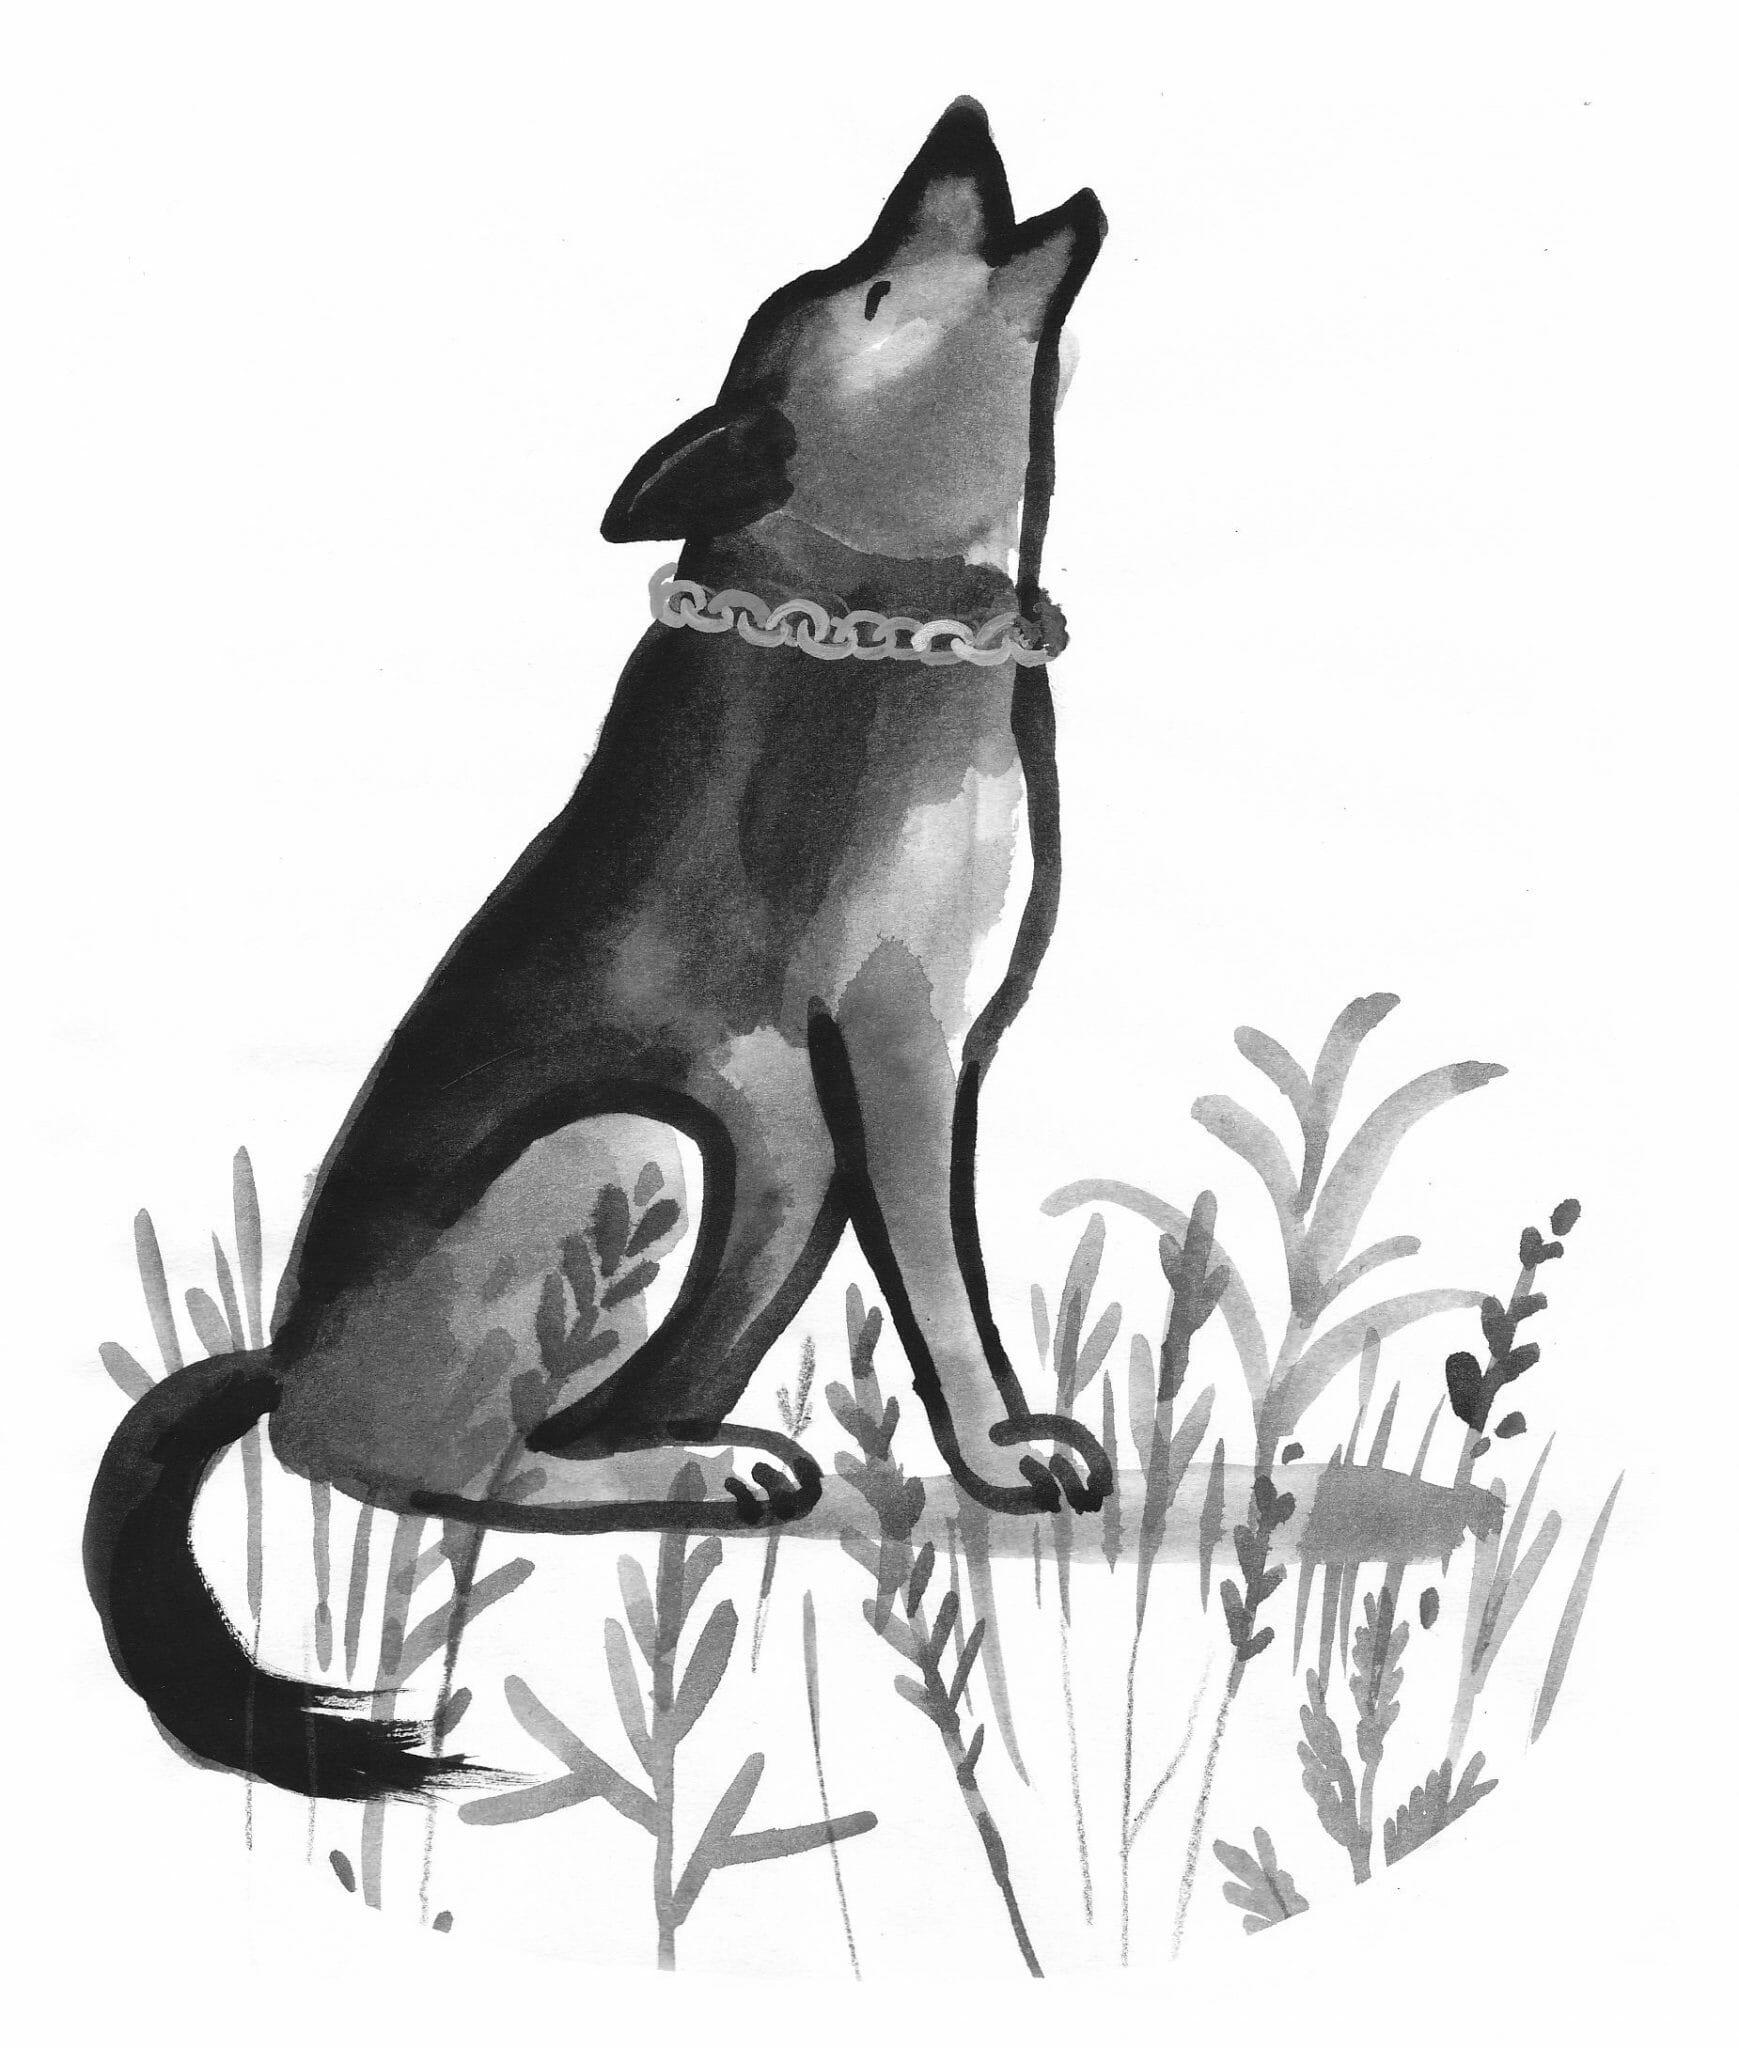 Imparare La Fedeltà Da Un Cane La Nuova Favola Di Sepúlveda